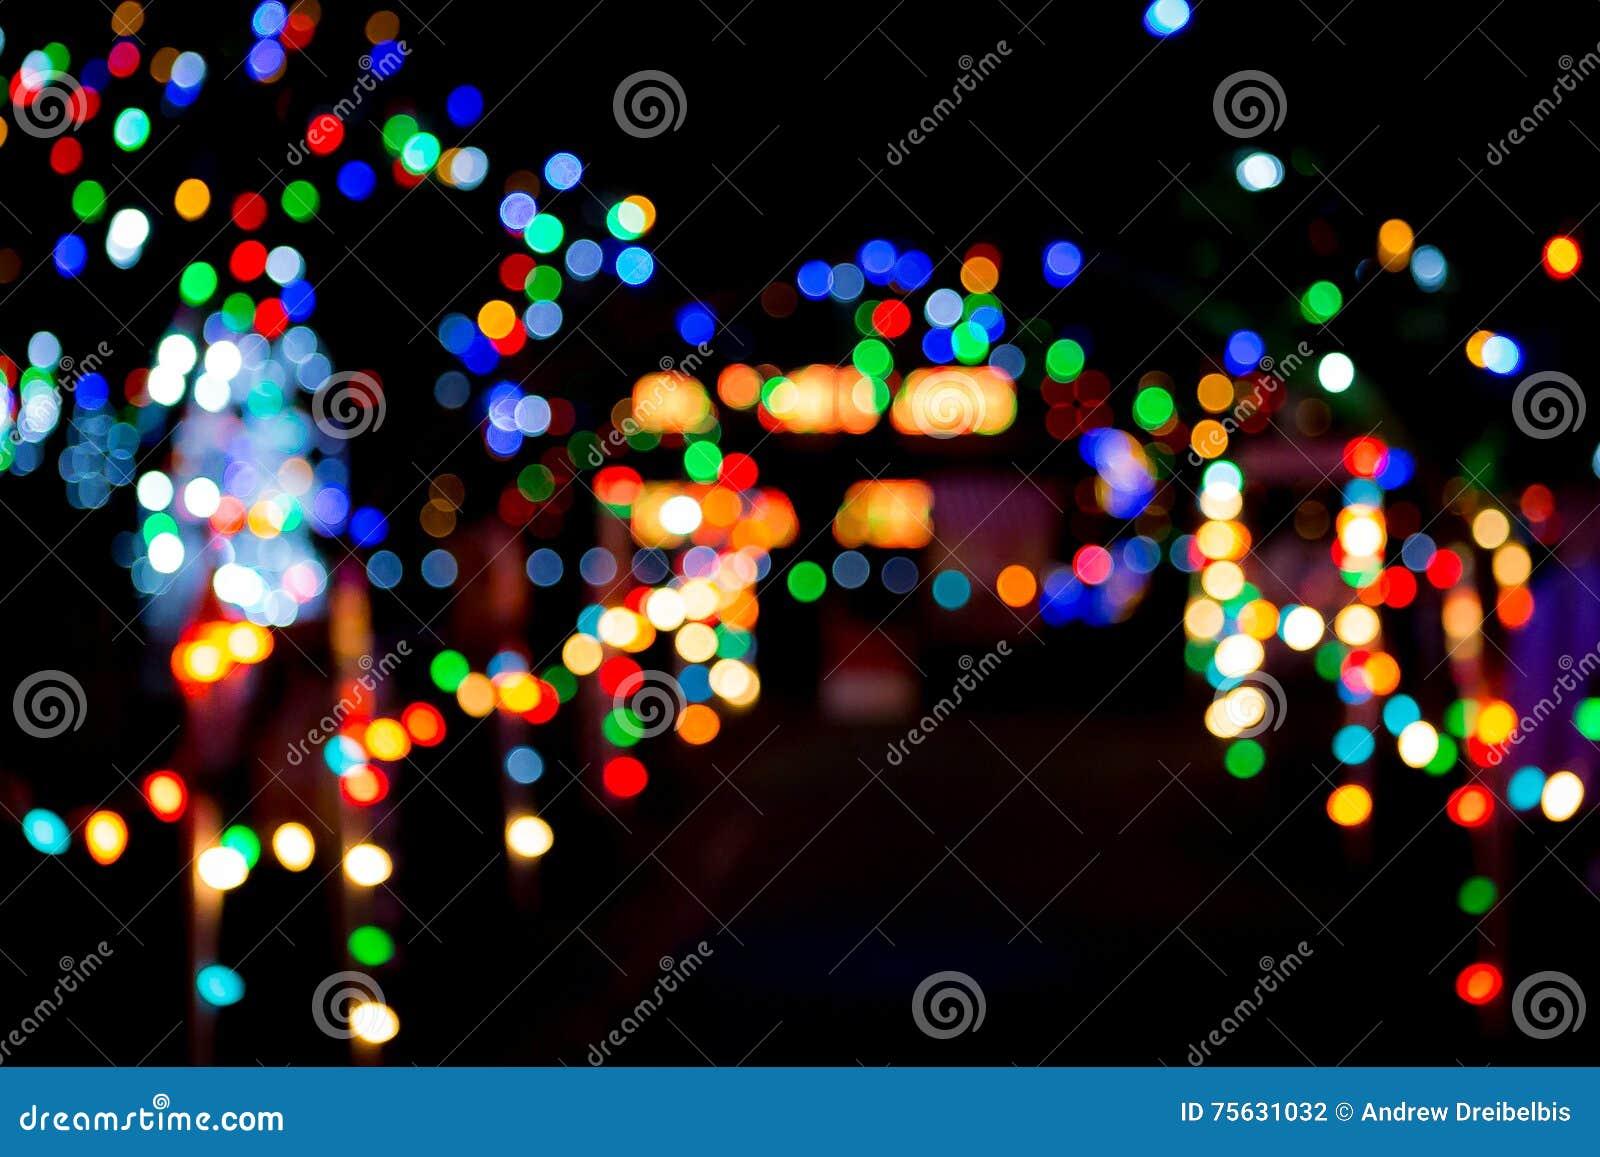 Weihnachtsleuchte bokeh stockfoto. Bild von glühen, leuchte - 75631032